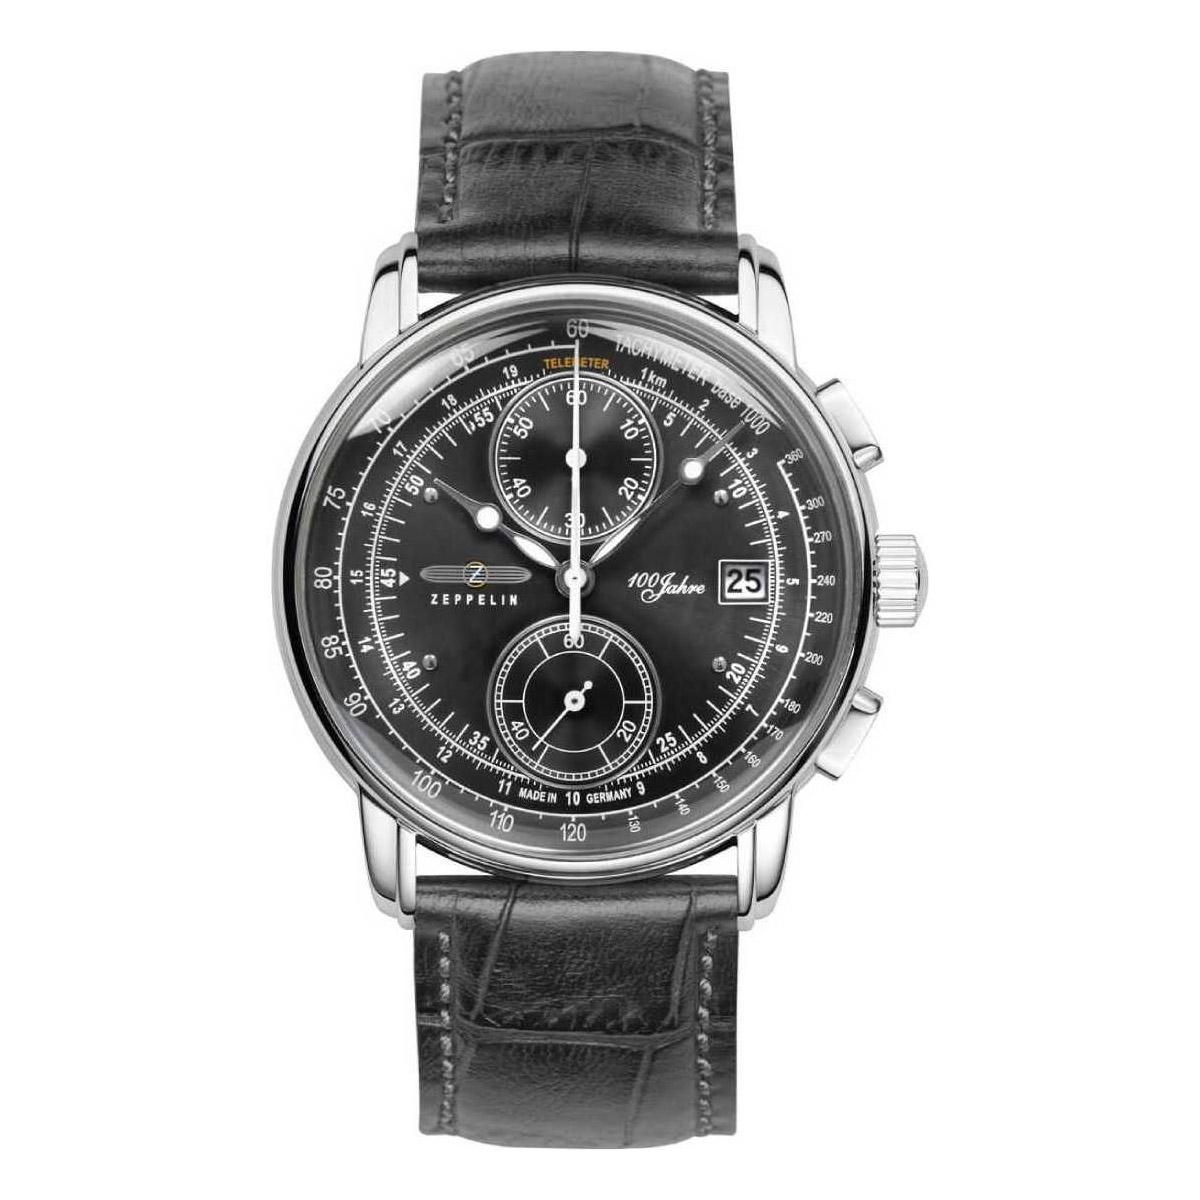 【全品送料無料】 ZEPPELIN ツェッペリン8670-2 Zeppelin号誕生100周年記念モデル メンズ 時計 腕時計 プレゼント ギフト 贈り物[あす楽]